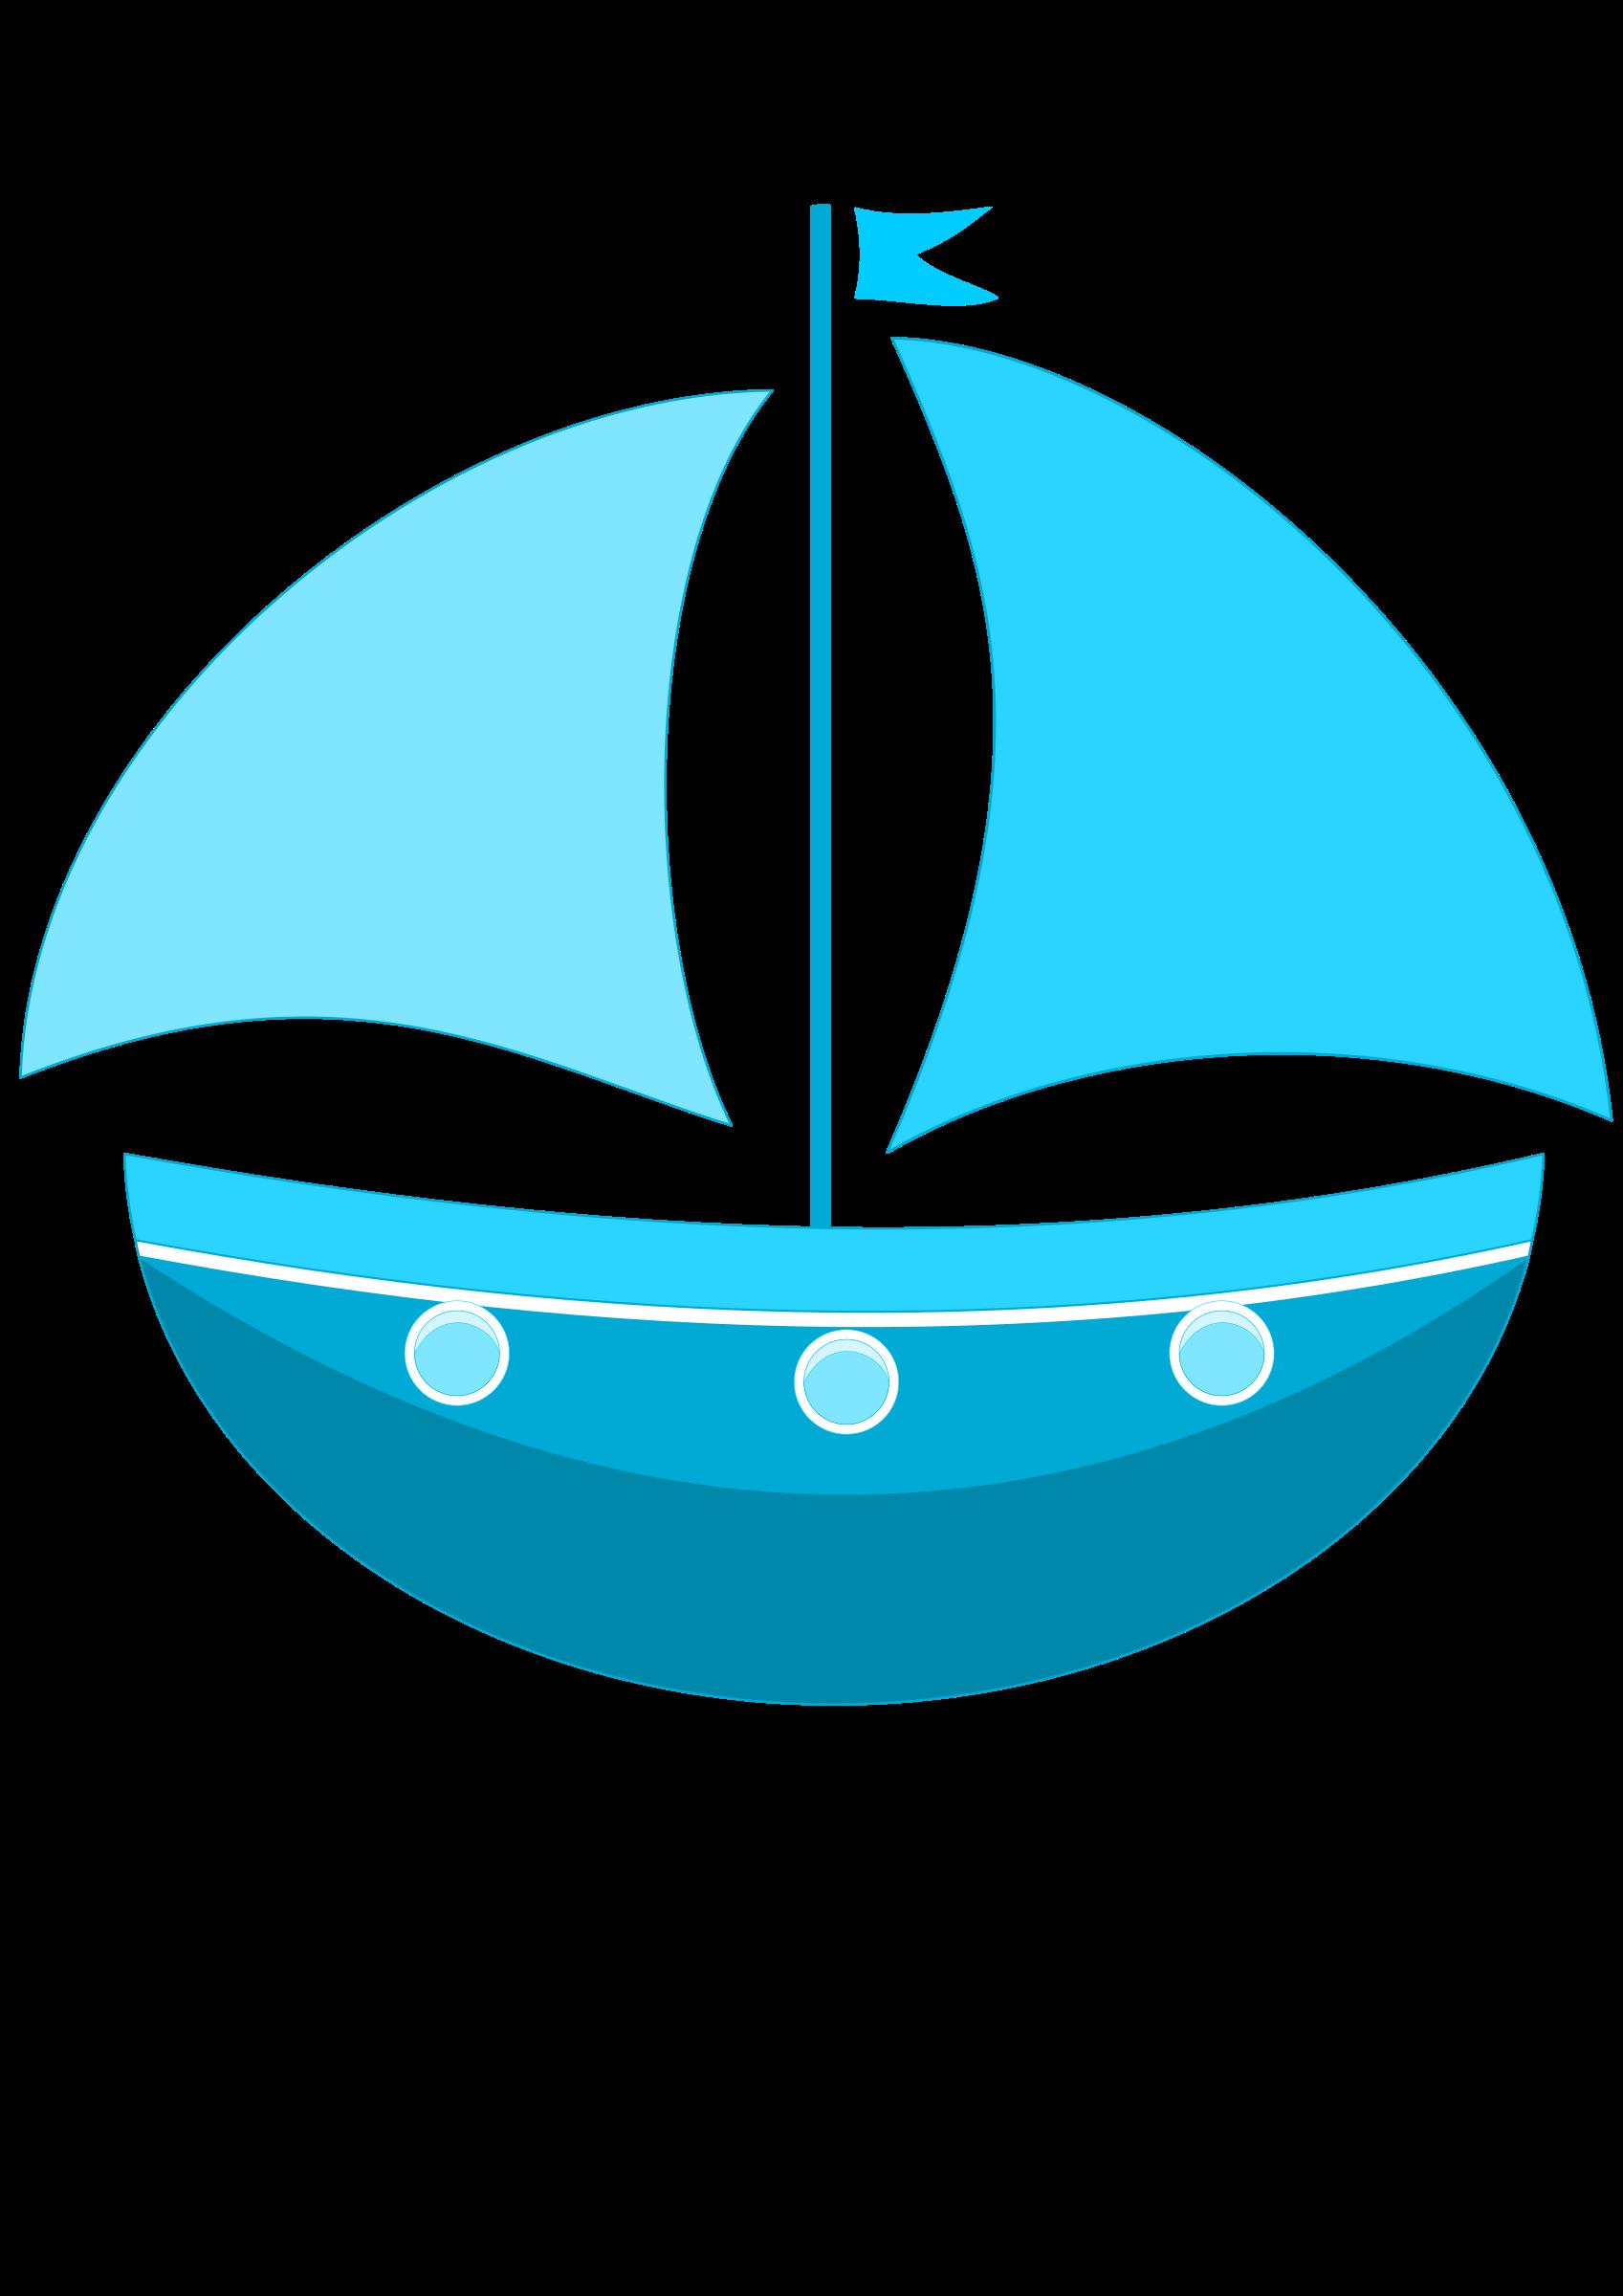 cartoon ship vector clipart image free stock photo public domain rh goodfreephotos com ship victory 1 ship victory 2